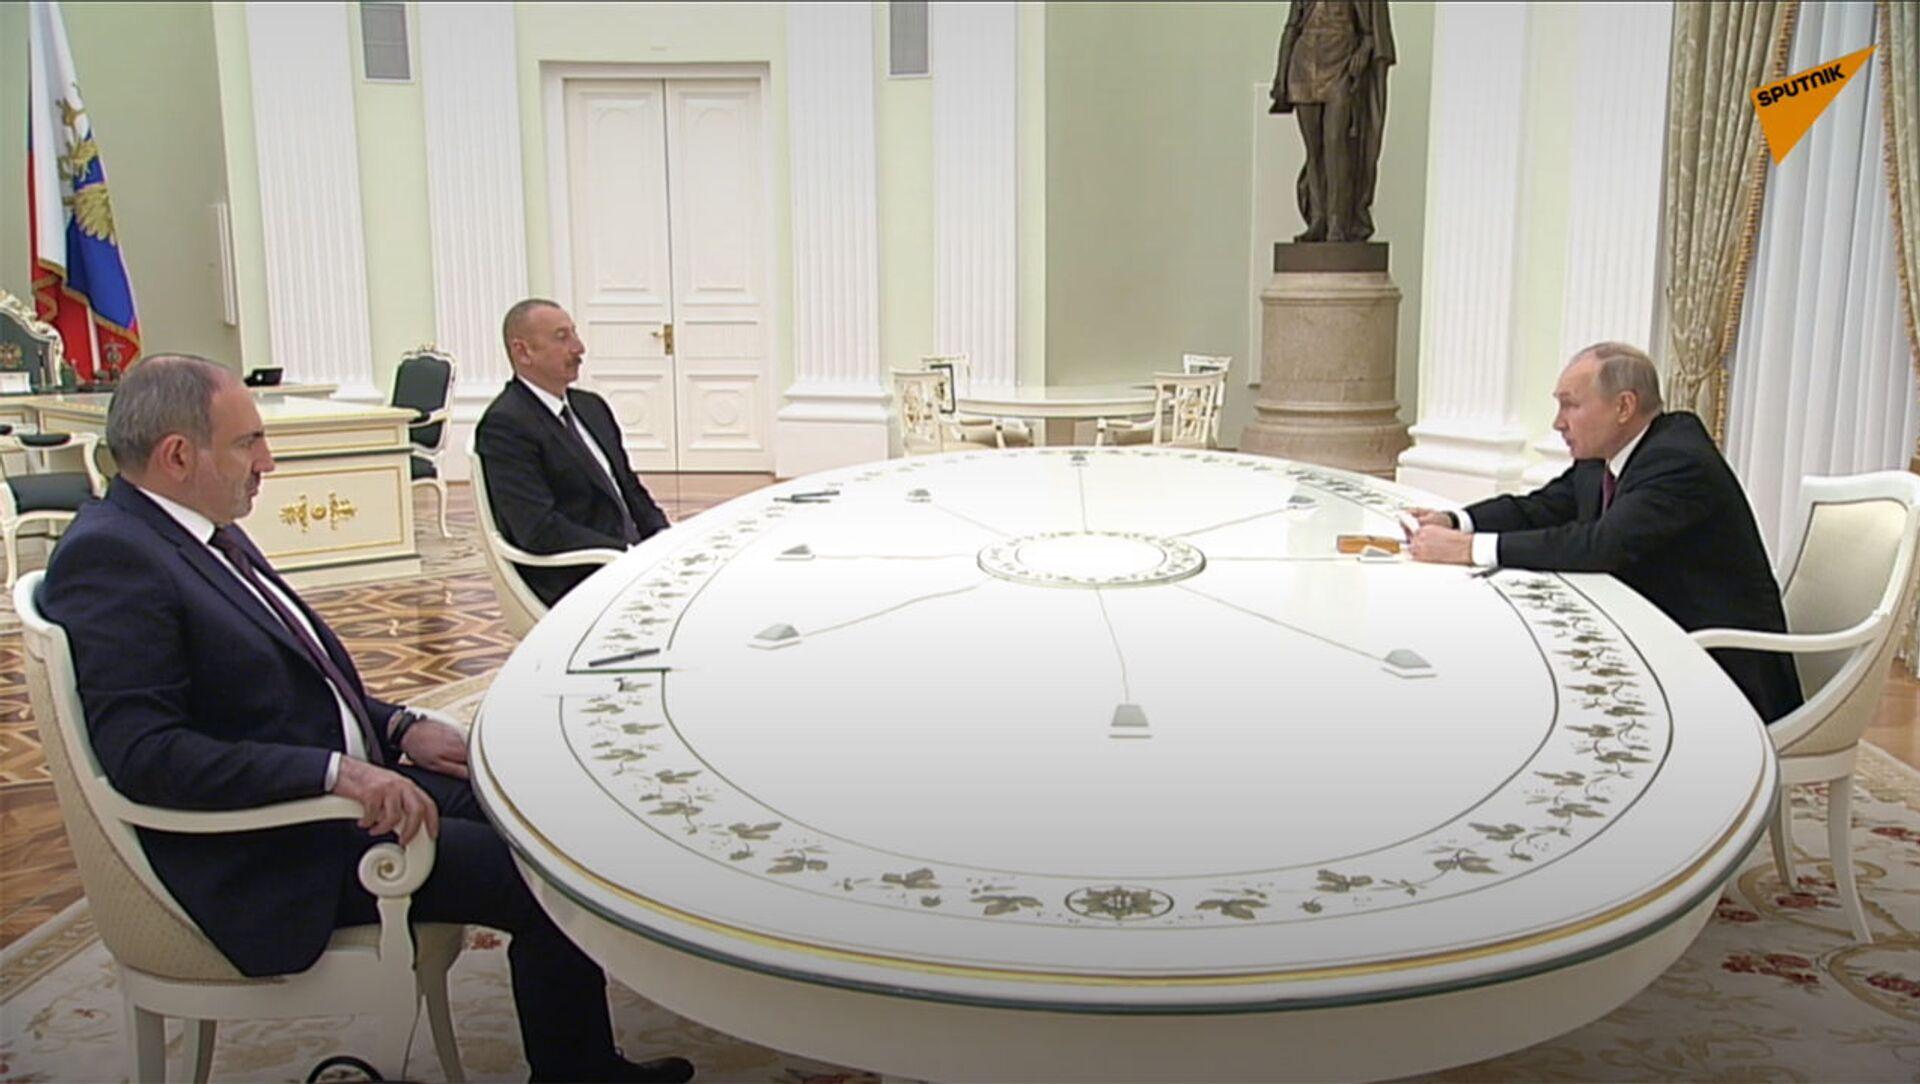 Премьер-министр Армении Никол Пашинян (слева), президент РФ Владимир Путин и президент Азербайджана Ильхам Алиев (справа) во время трёхсторонних переговоров (11 января 2021). Москва - Sputnik Արմենիա, 1920, 26.08.2021